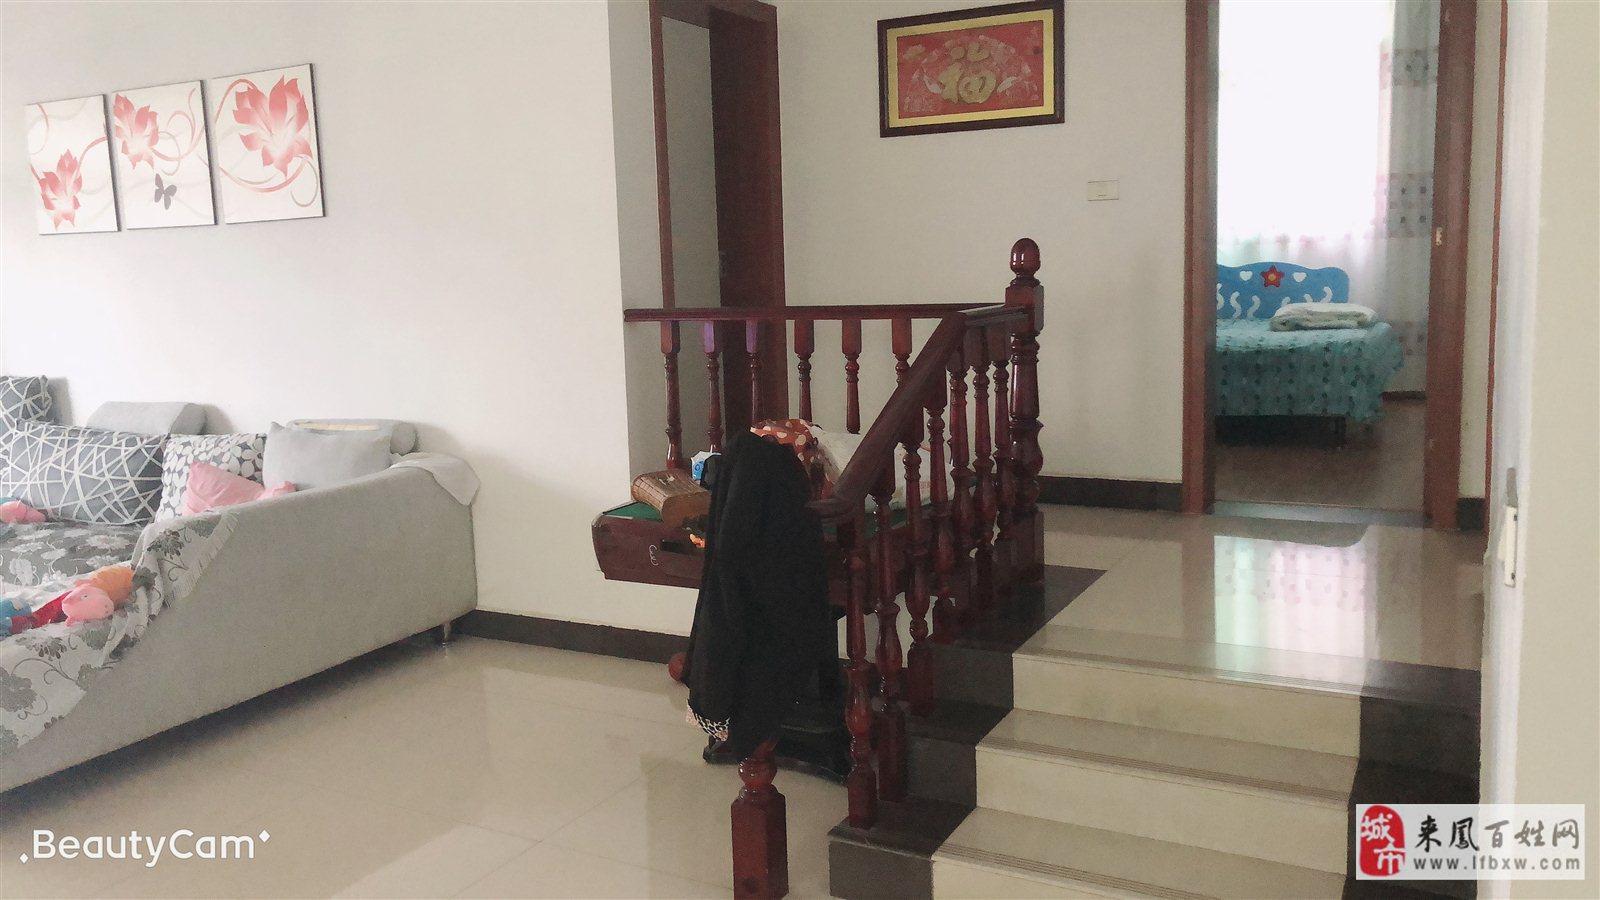 金盆山公寓5室2厅2卫精装修4楼可按揭